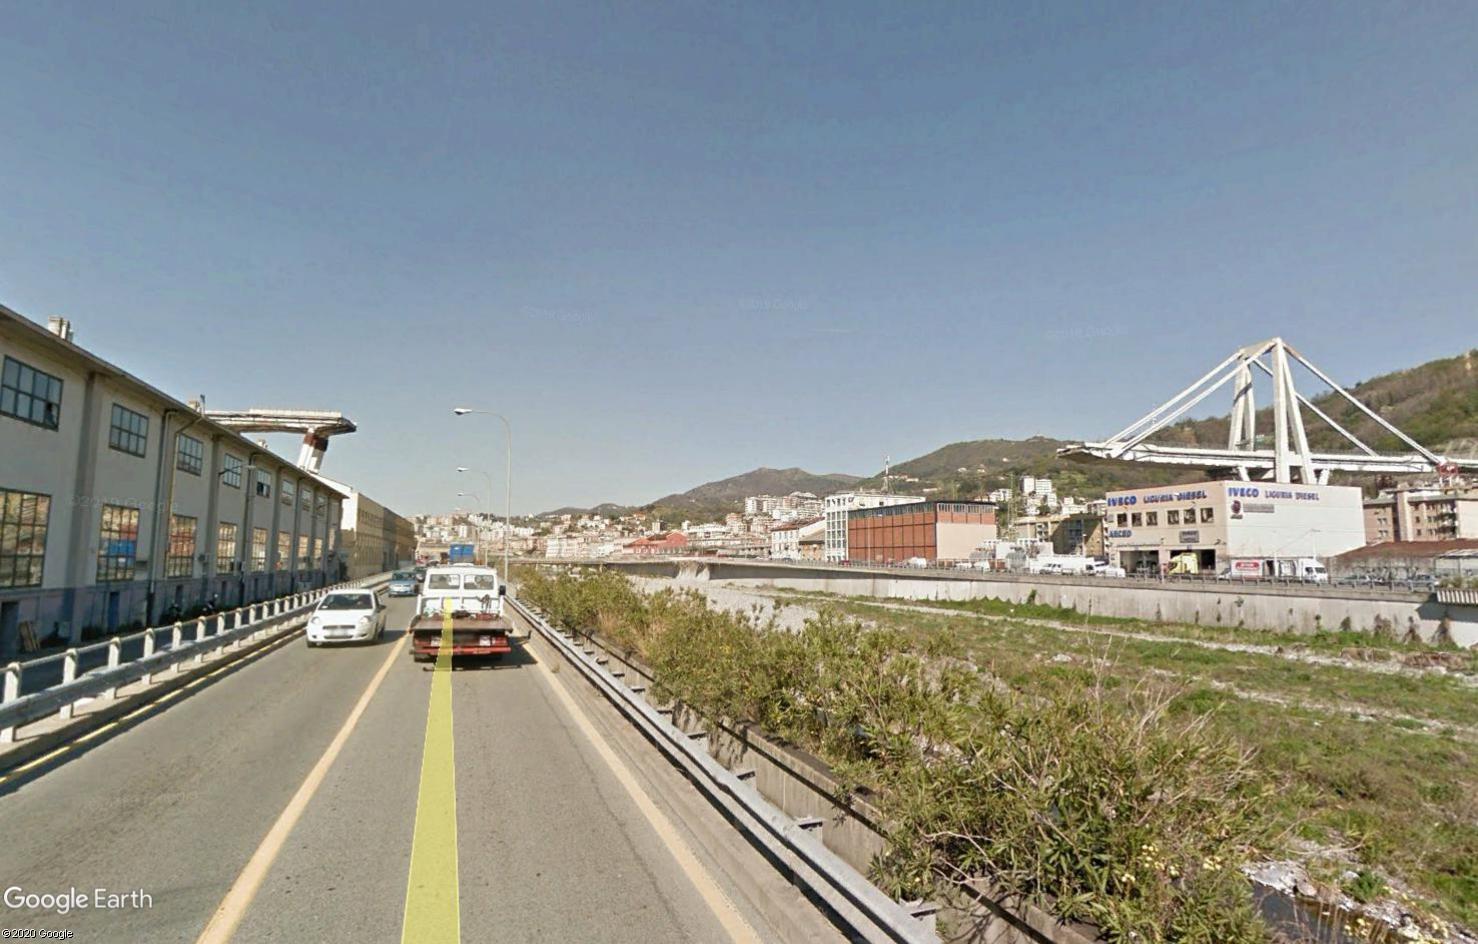 [Bientôt visible sur Google Earth] - Le pont Morandi, Gênes Tsge1601